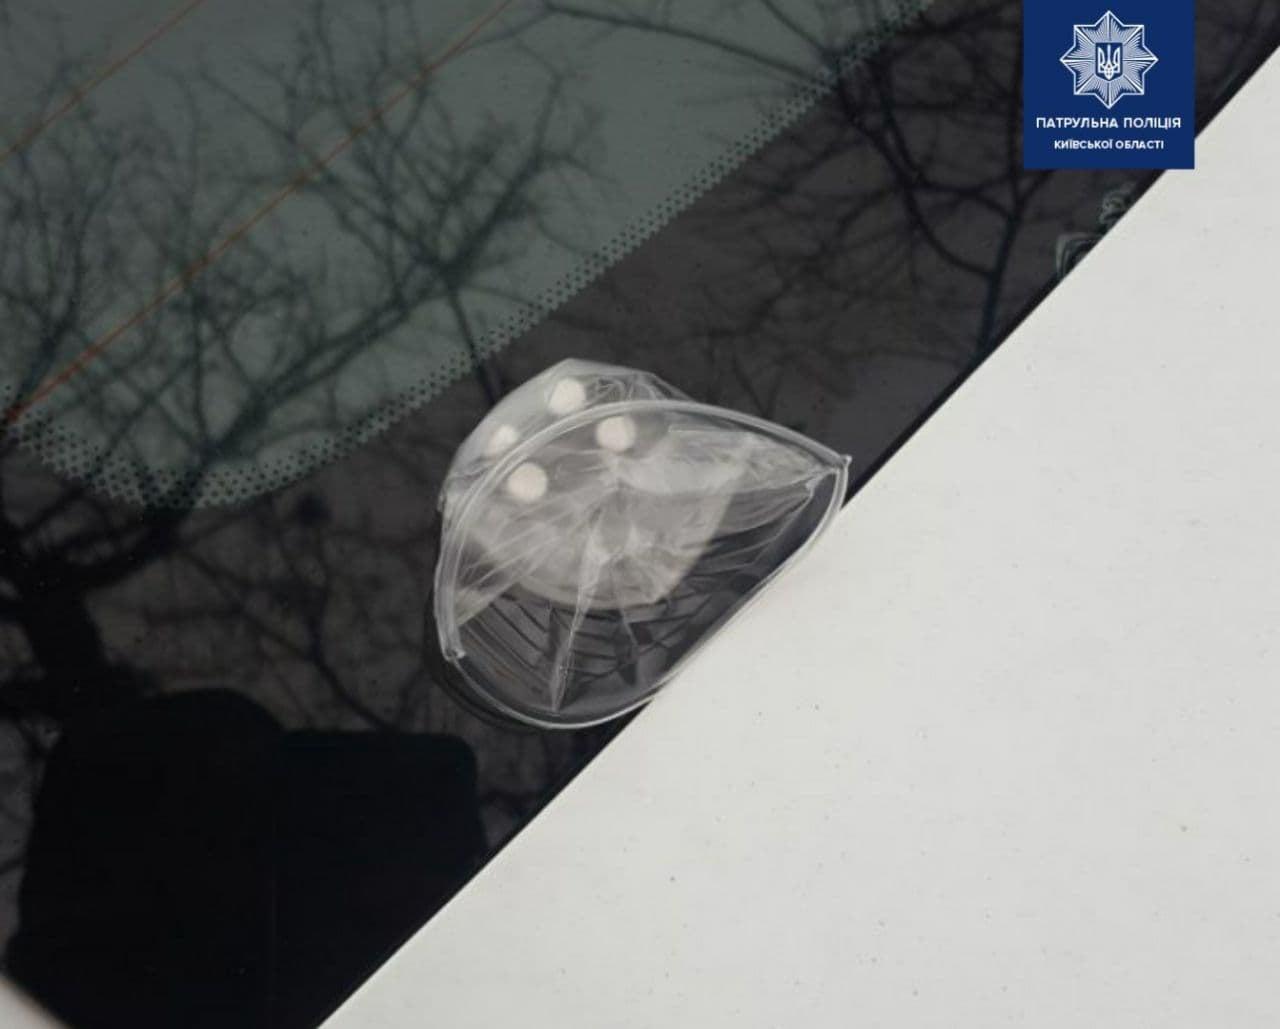 У Борисполі водій зізнався поліцейським, що має наркотики - Поліція, наркотики - 142576180 2001789876661262 5922052869665479724 o